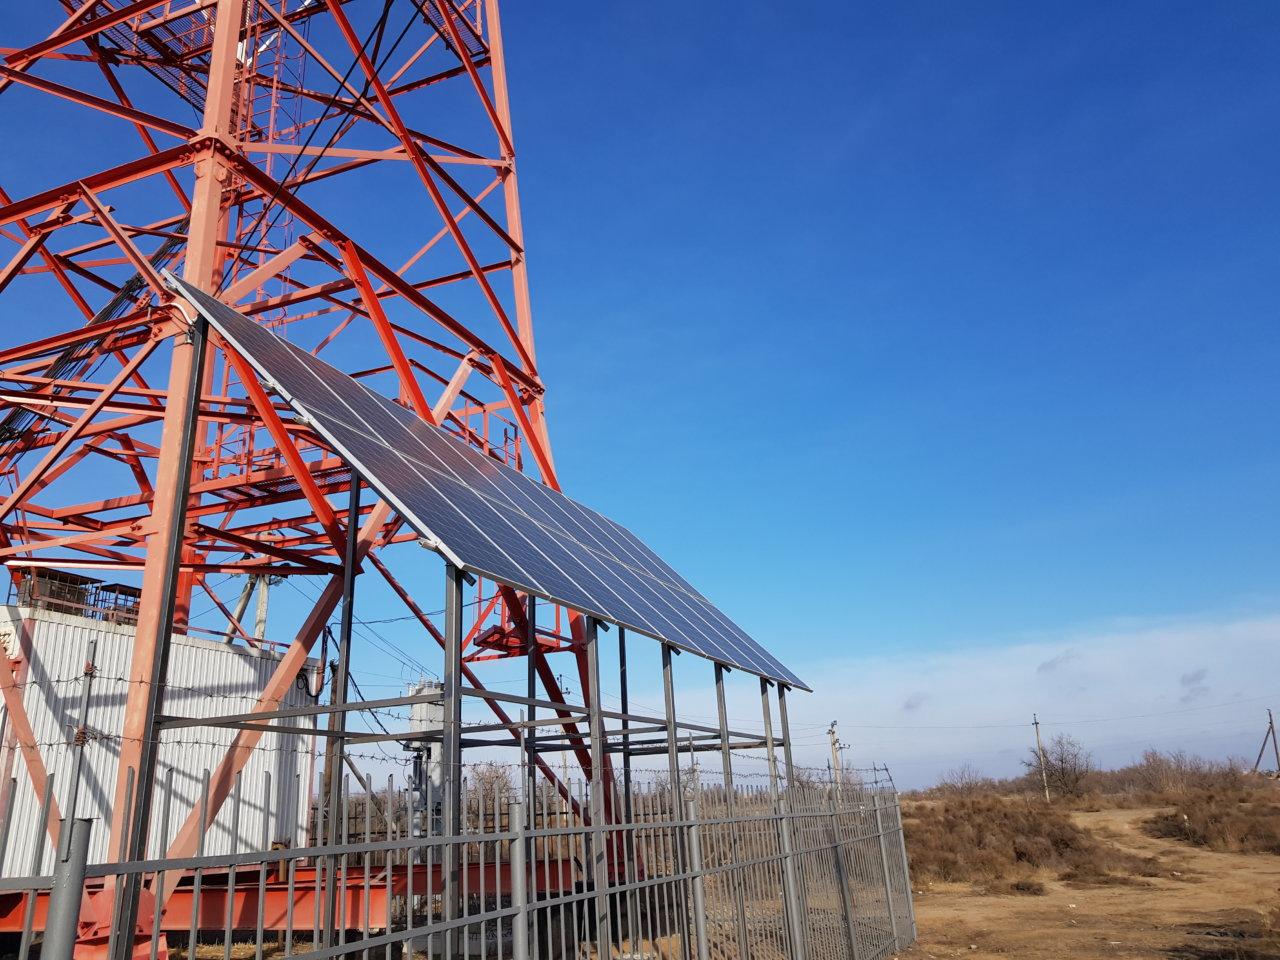 Базовые станции МТС в Астраханской области начнут использовать энергию солнца